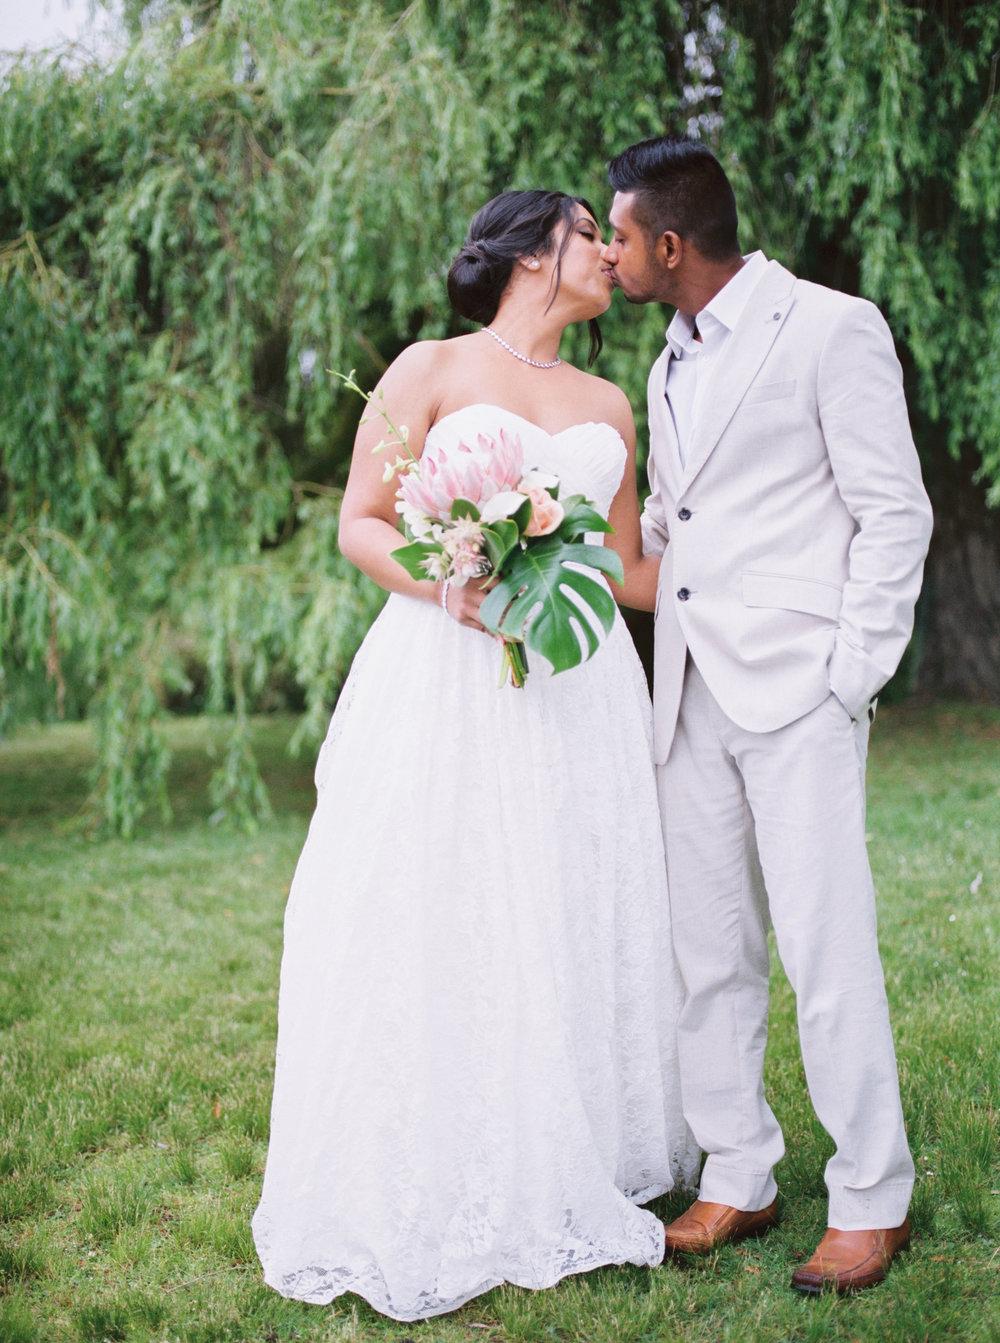 Shalene&Roneel_Wedding_JenzelVeloPhotography164.jpg